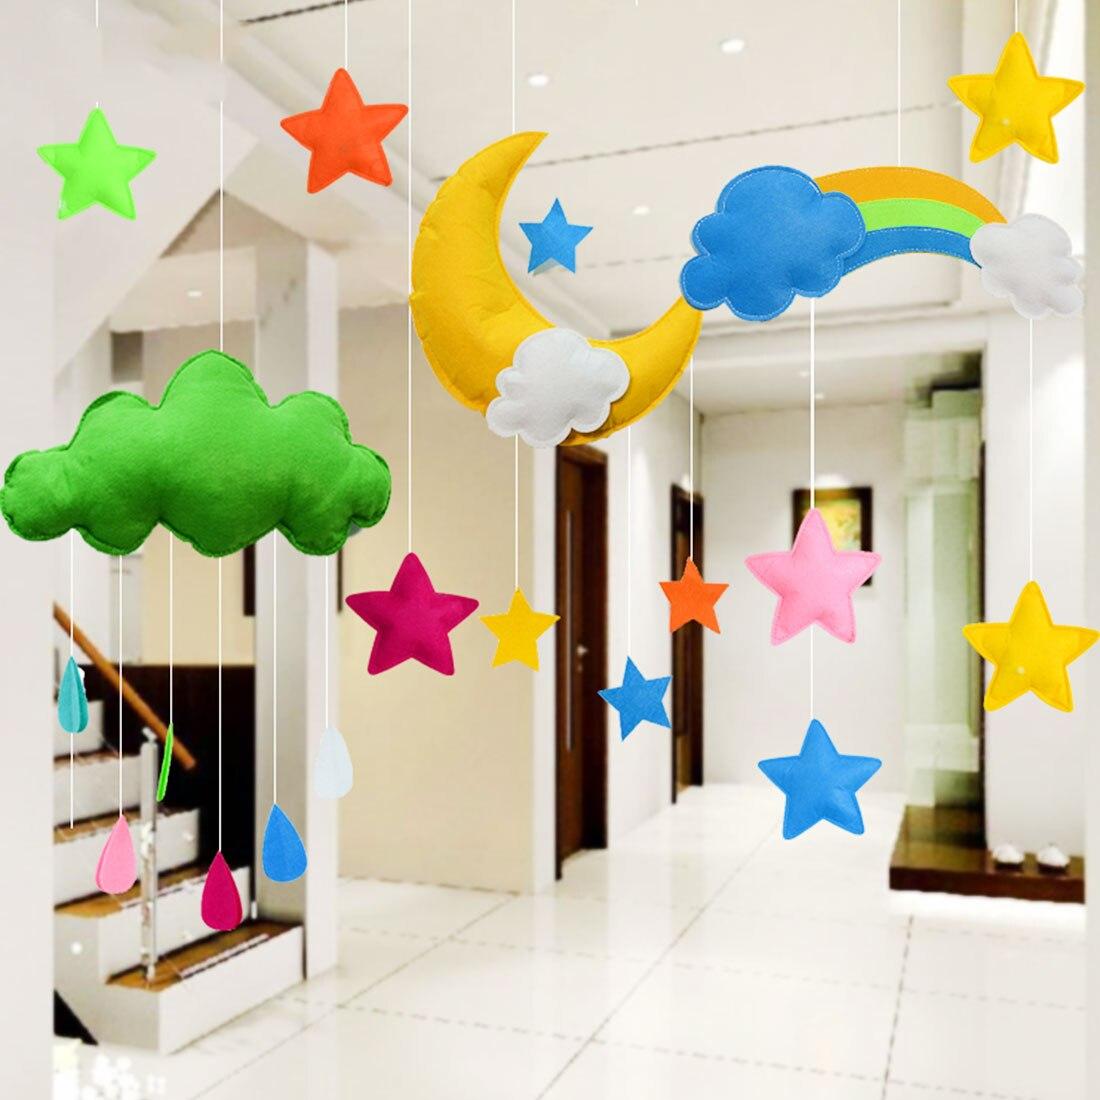 Bayi Dekorasi Kamar Anak Anak Buatan Tangan Anak Laki Laki Hujan Awan Air Drop Anak Perempuan Tempat Tidur Gantung Tenda Mainan Untuk Anak Anak Wall Stickers Aliexpress